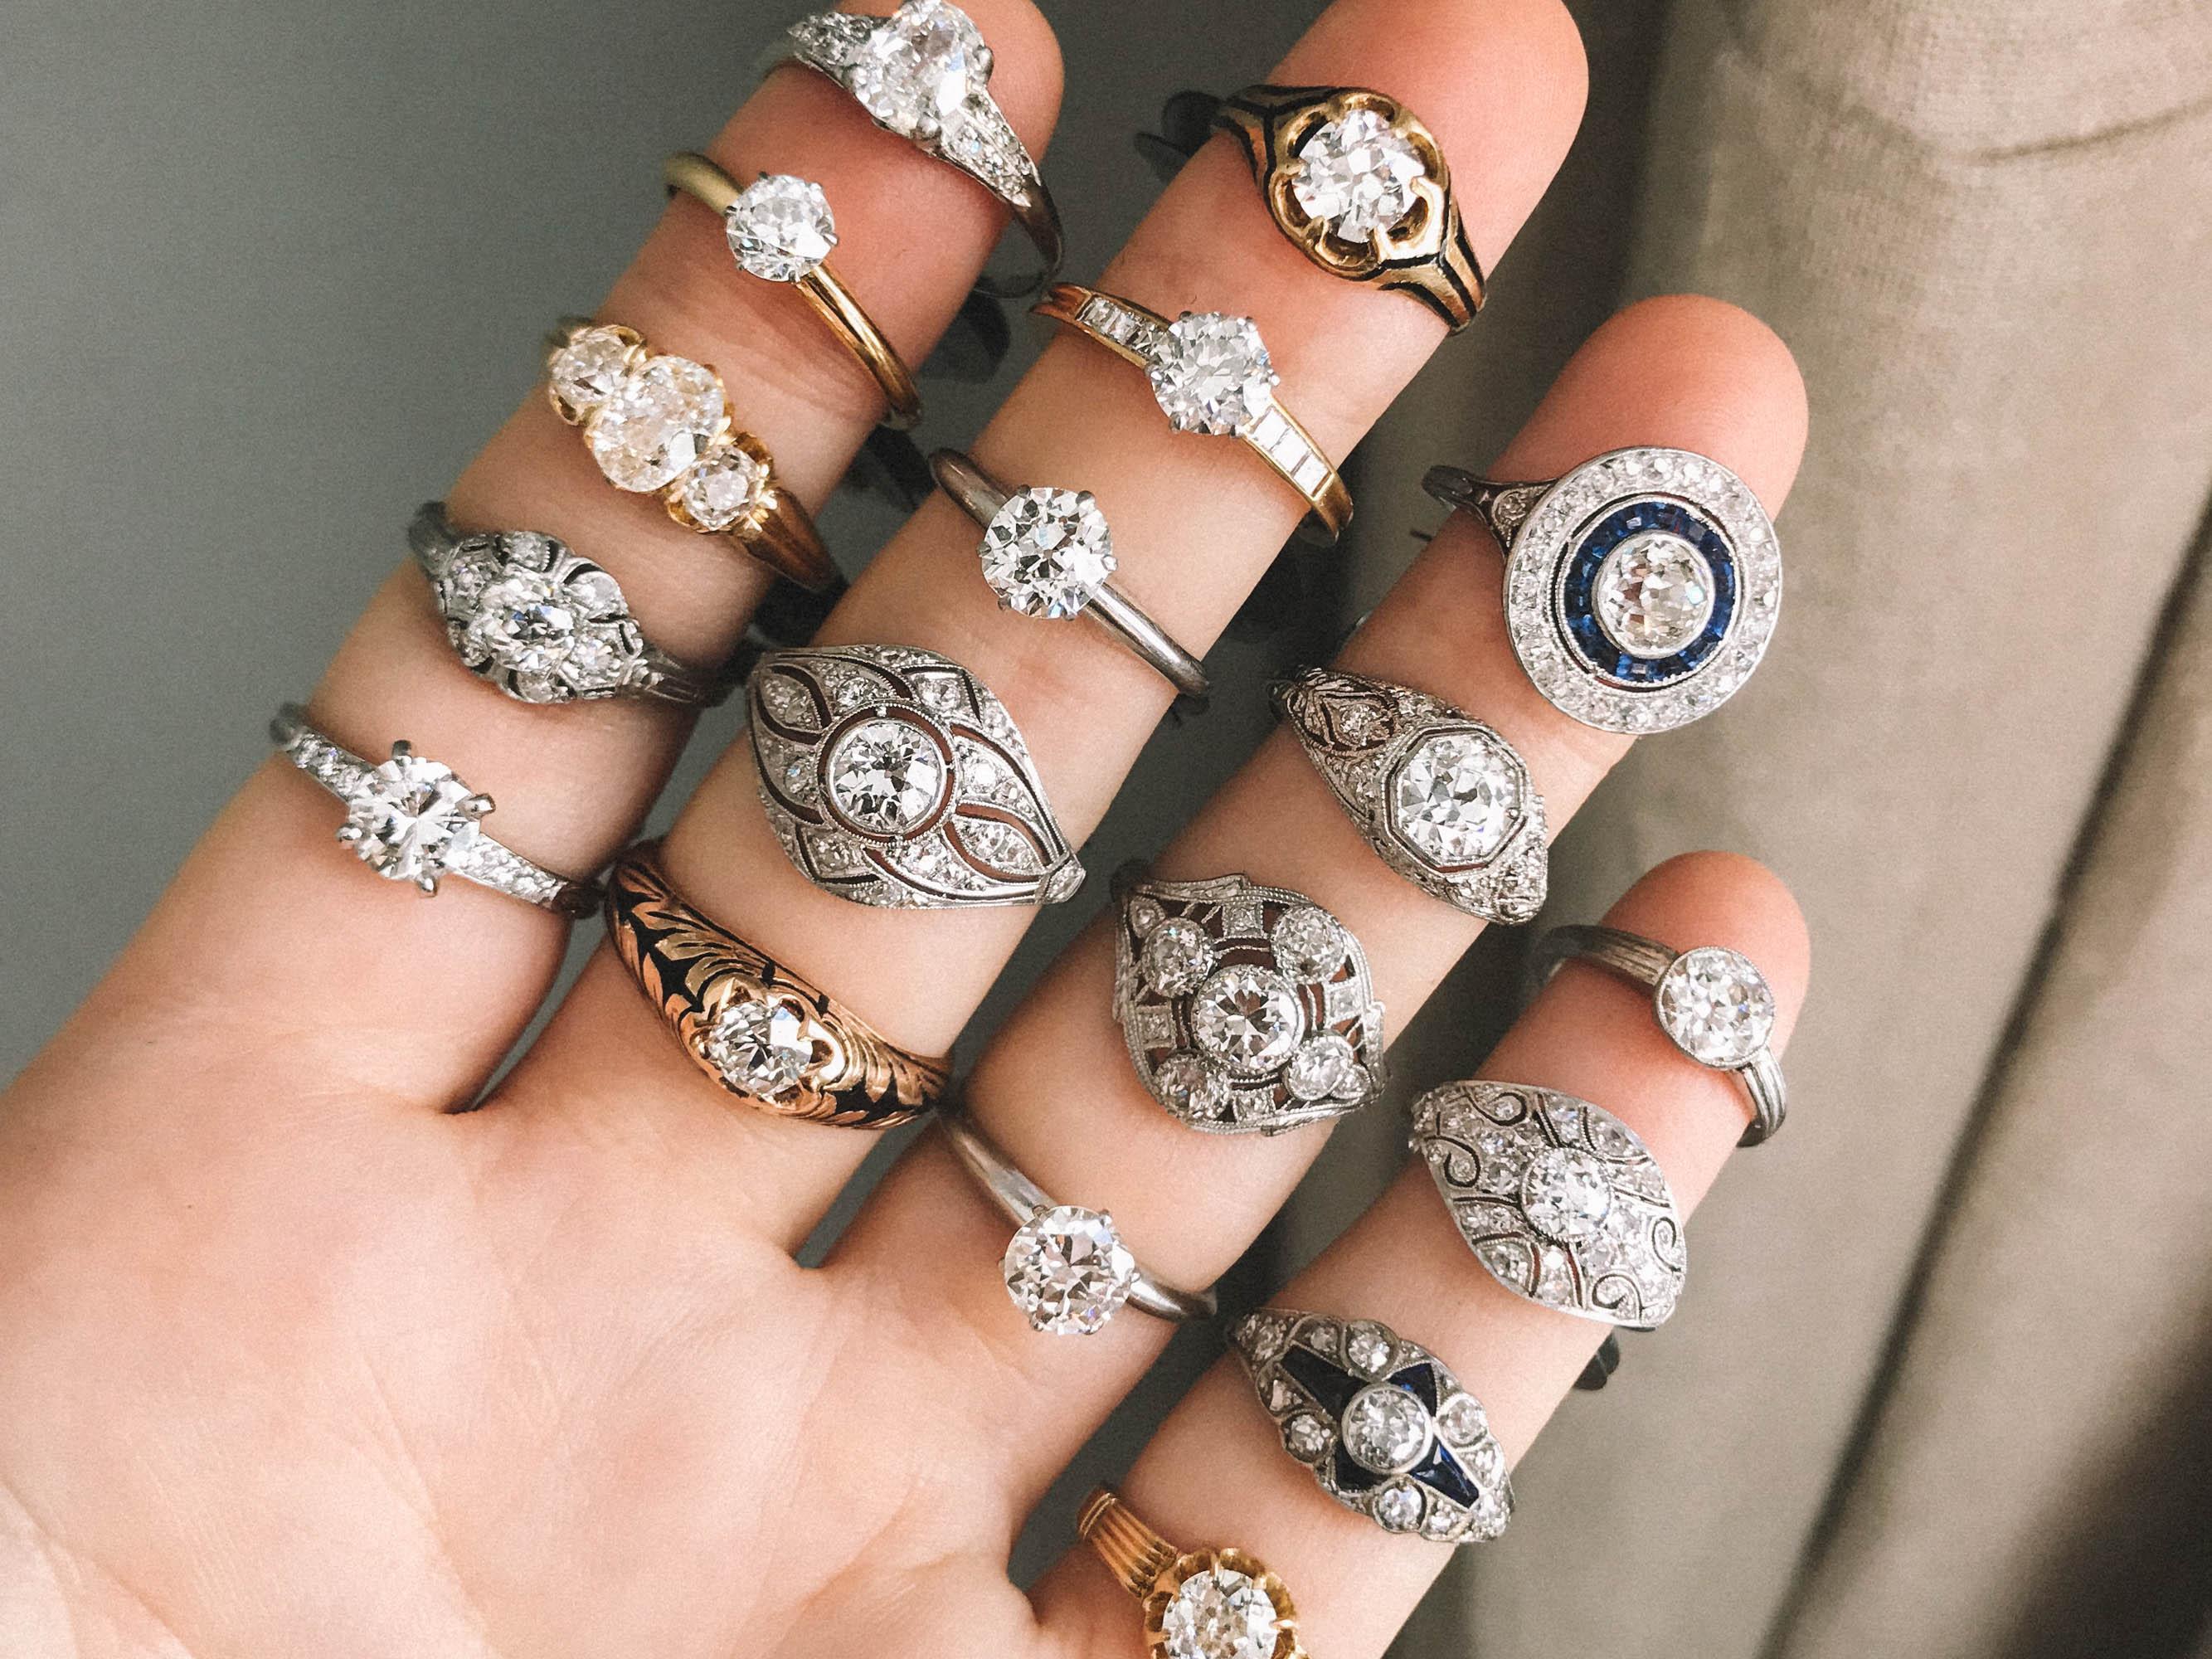 Lovely Under Carat Vintage Engagement Rings Under Carat Vintage Engagement Rings Erstwhile Jewelry 1 Carat Diamond Rings Cheap 1 Carat Diamond Ring G wedding rings 1 Karat Diamond Ring